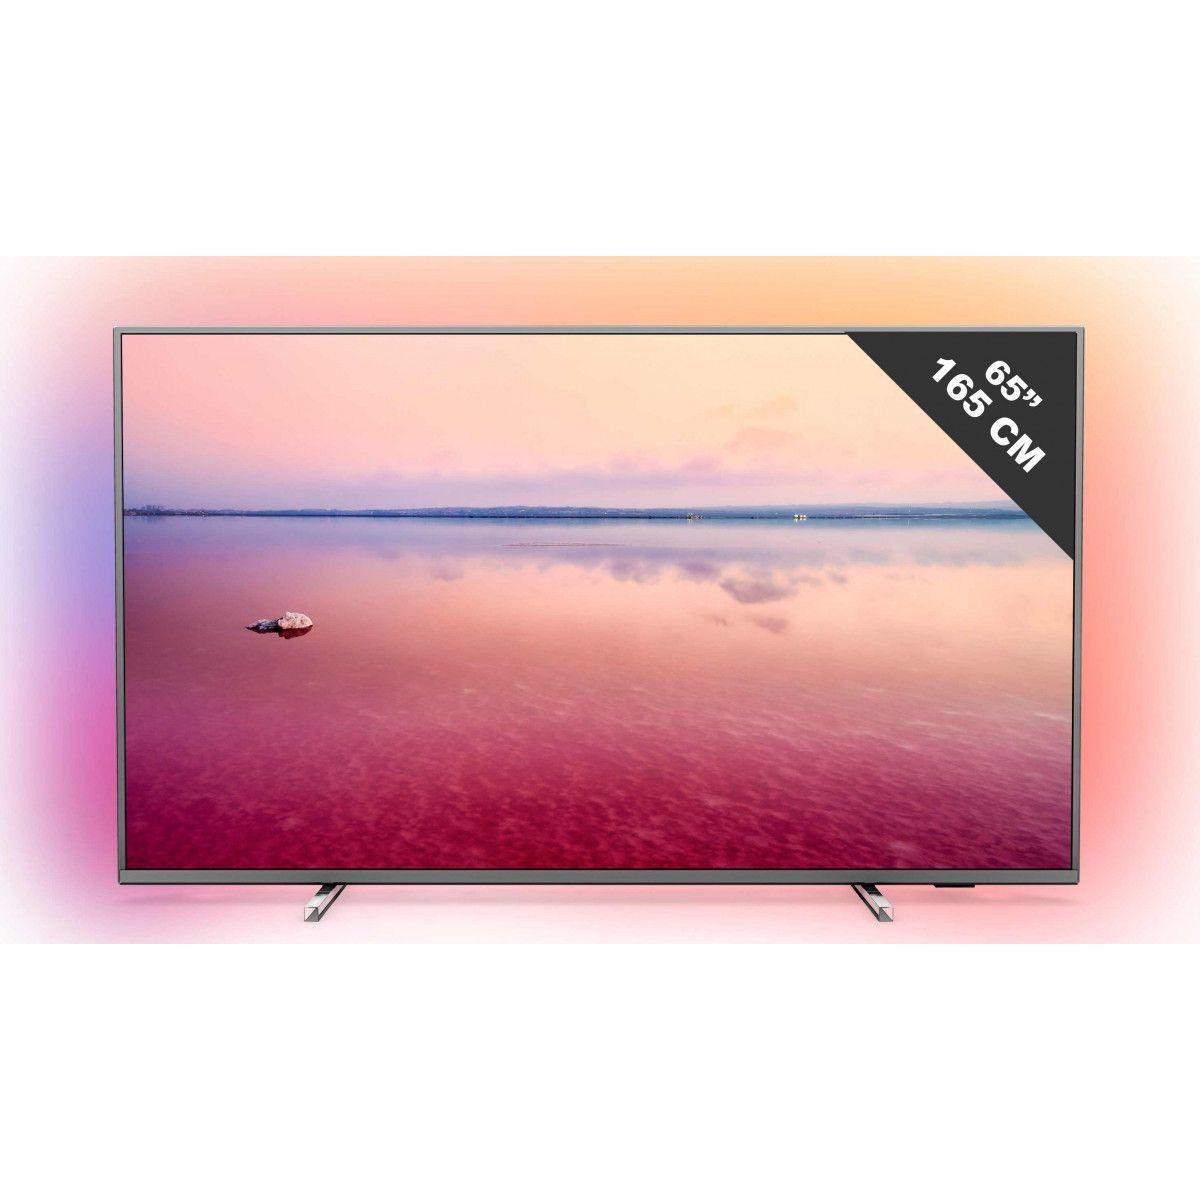 philips tv led 65 164 cm 65pus6754 12